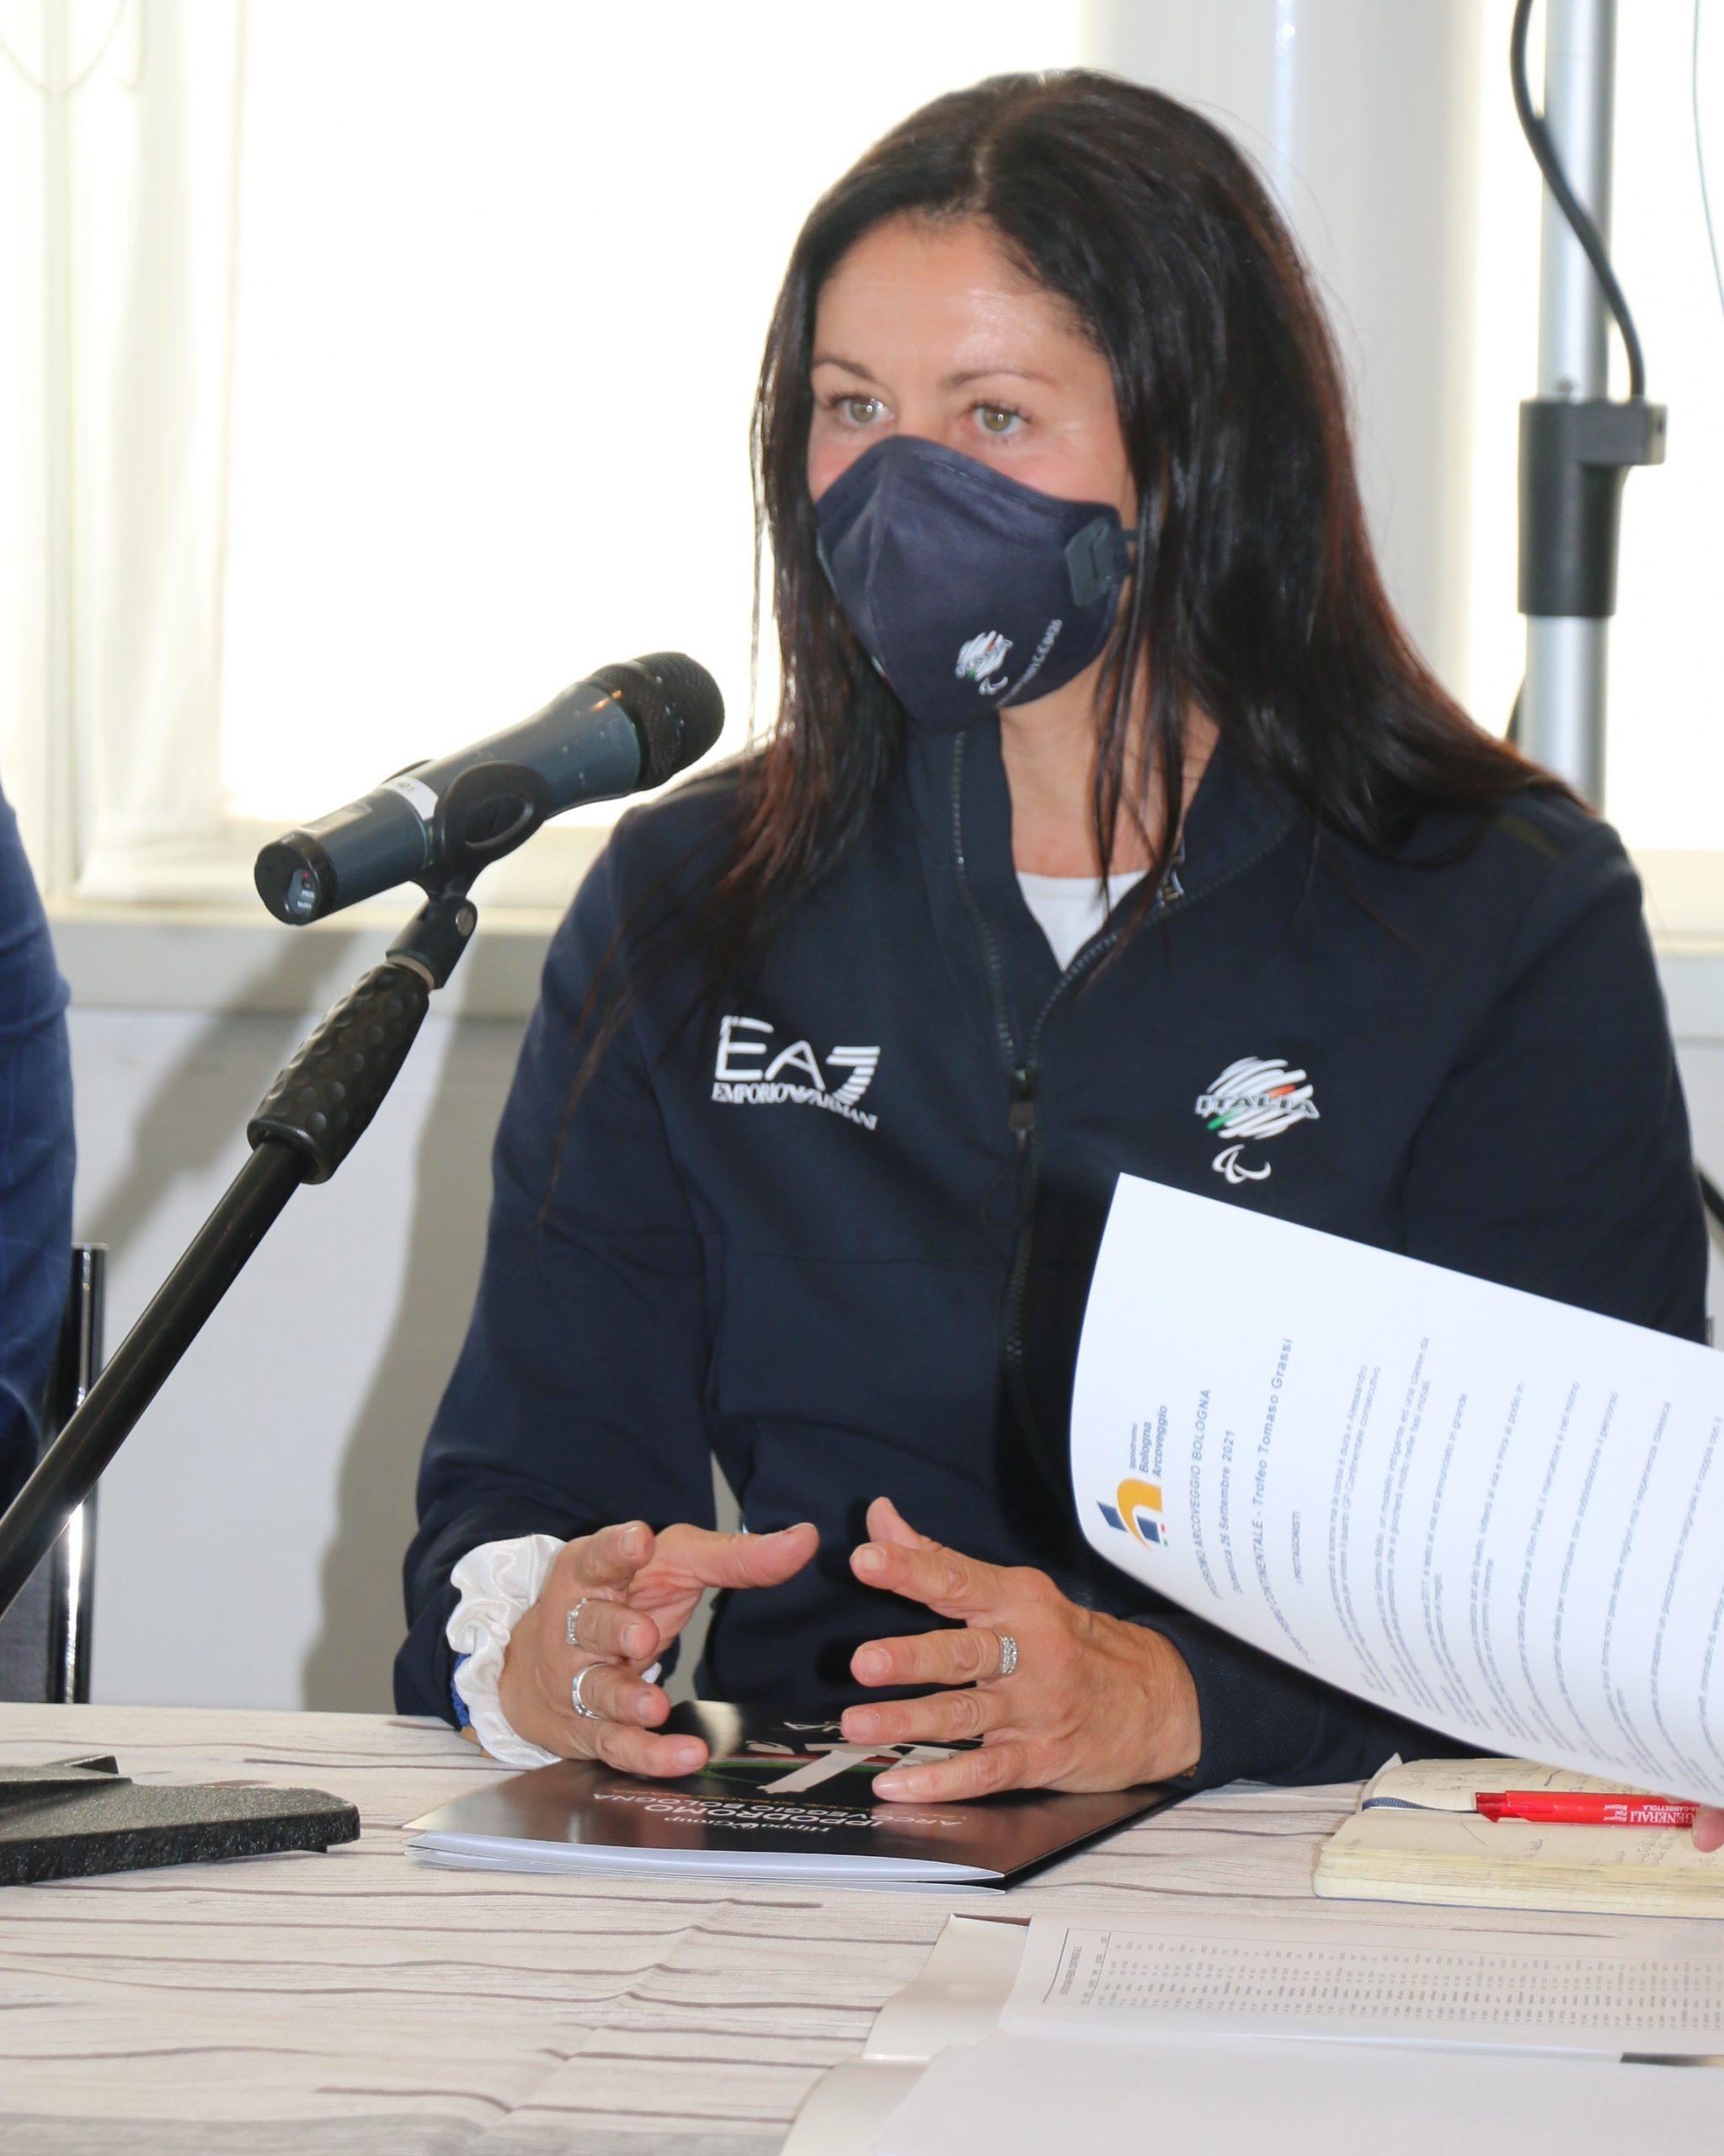 CHIARA NARDO, finalista ai Giochi Paralimpici di Tokyo, Ospite d'Onore al Gran Premio Continentale 2021